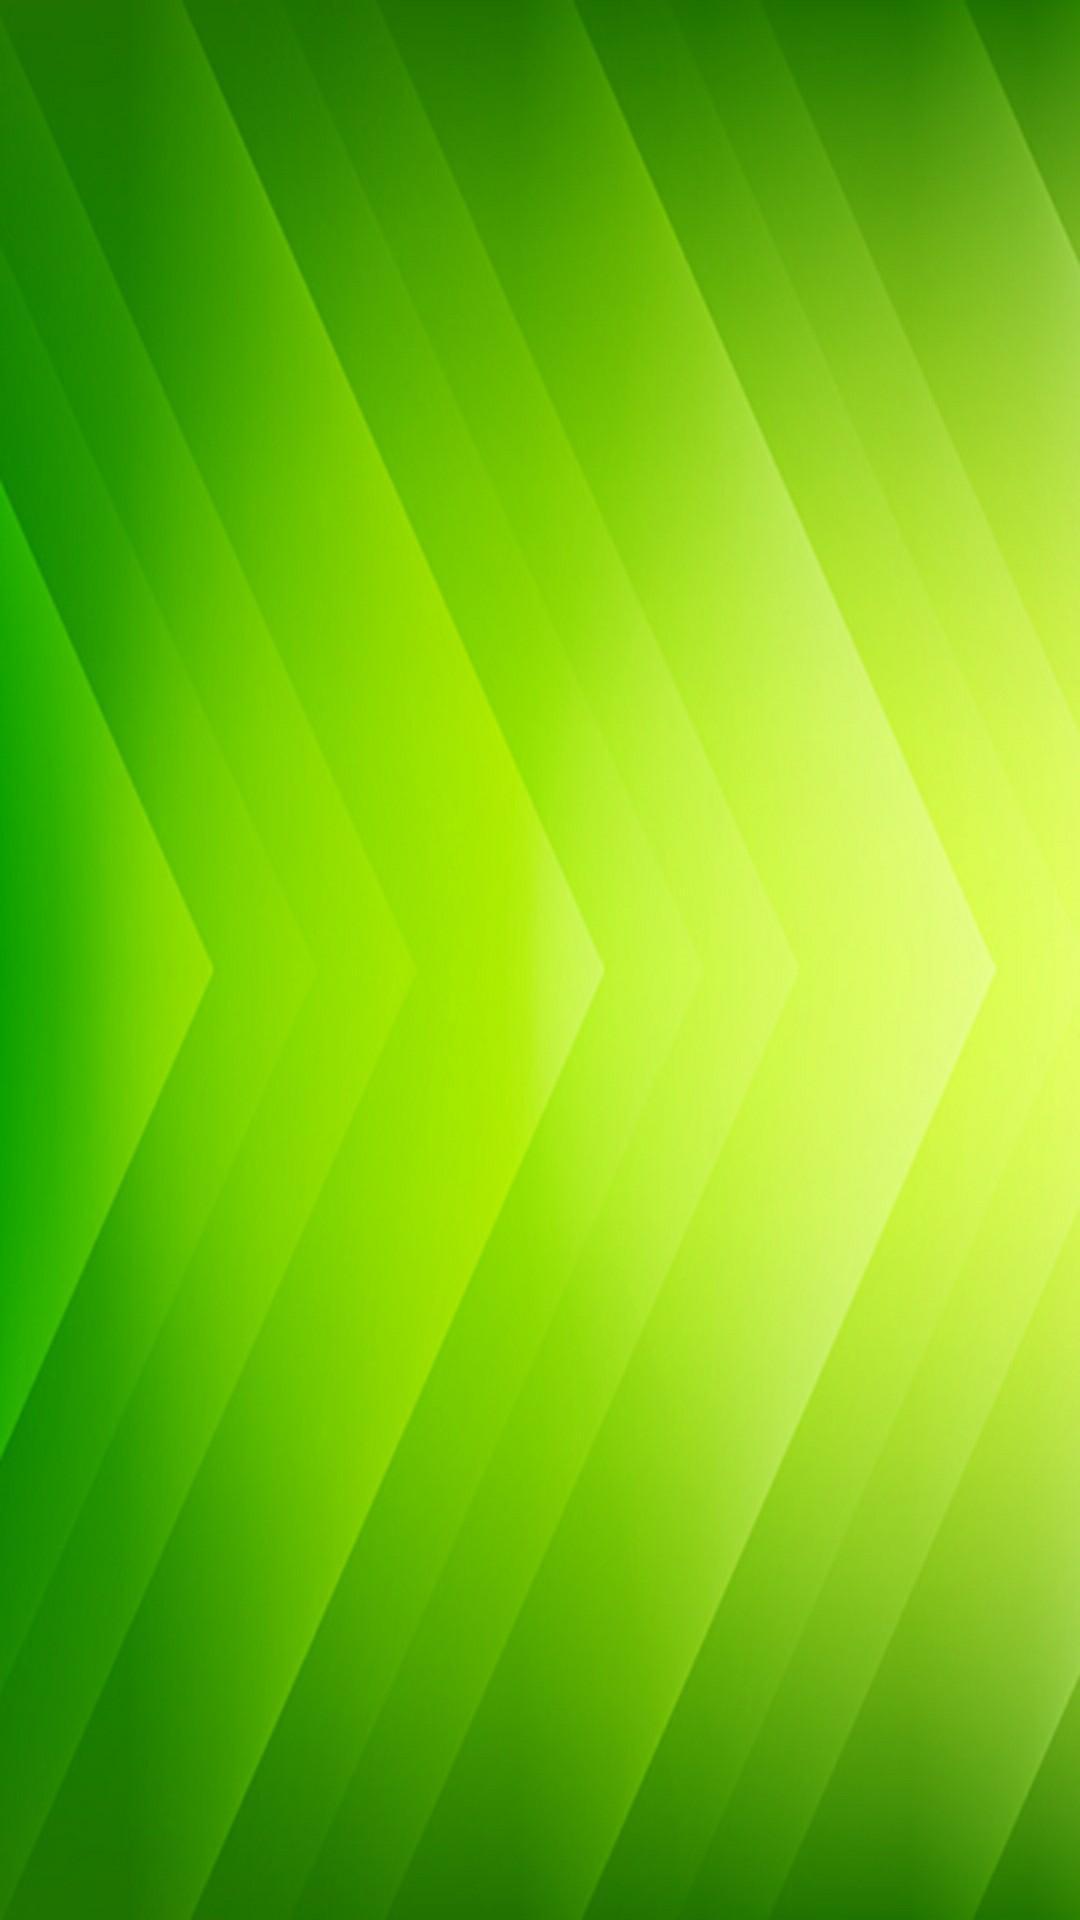 Android 用の グリーン壁紙 Apk をダウンロード